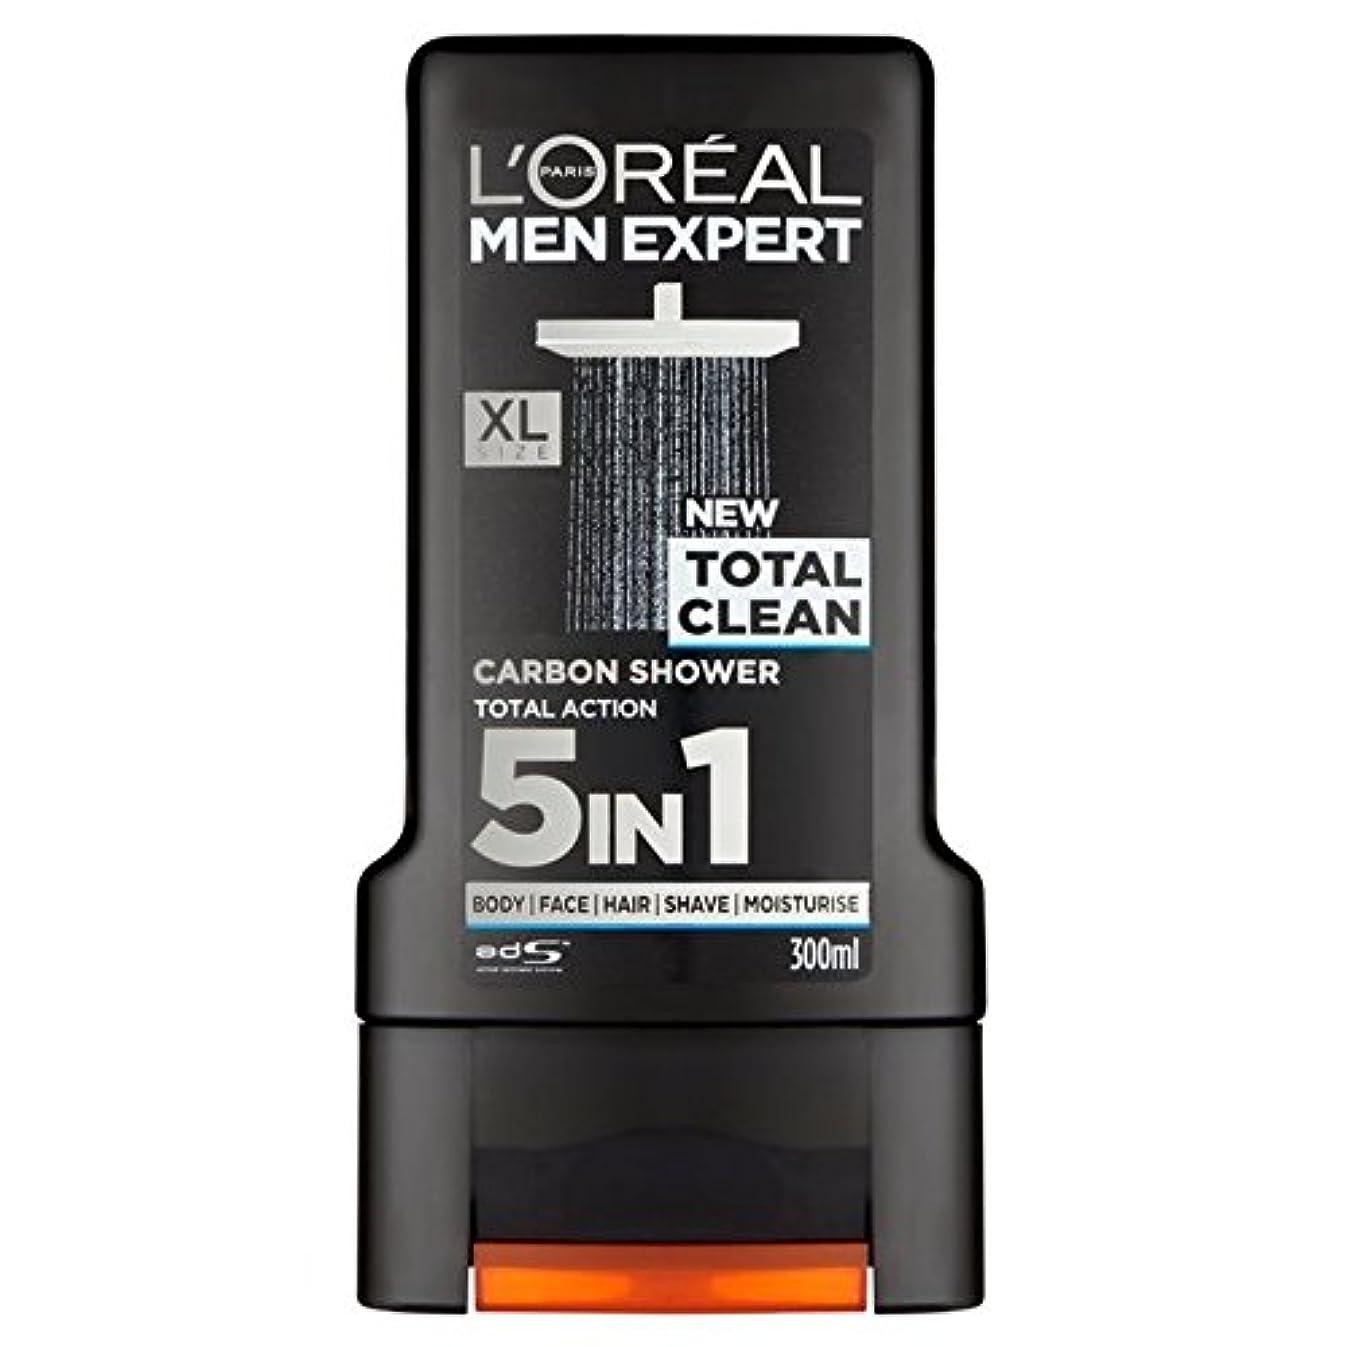 サーキュレーション甘くする武装解除ロレアルパリのメンズ専門トータルクリーンシャワージェル300ミリリットル x4 - L'Oreal Paris Men Expert Total Clean Shower Gel 300ml (Pack of 4) [並行輸入品]